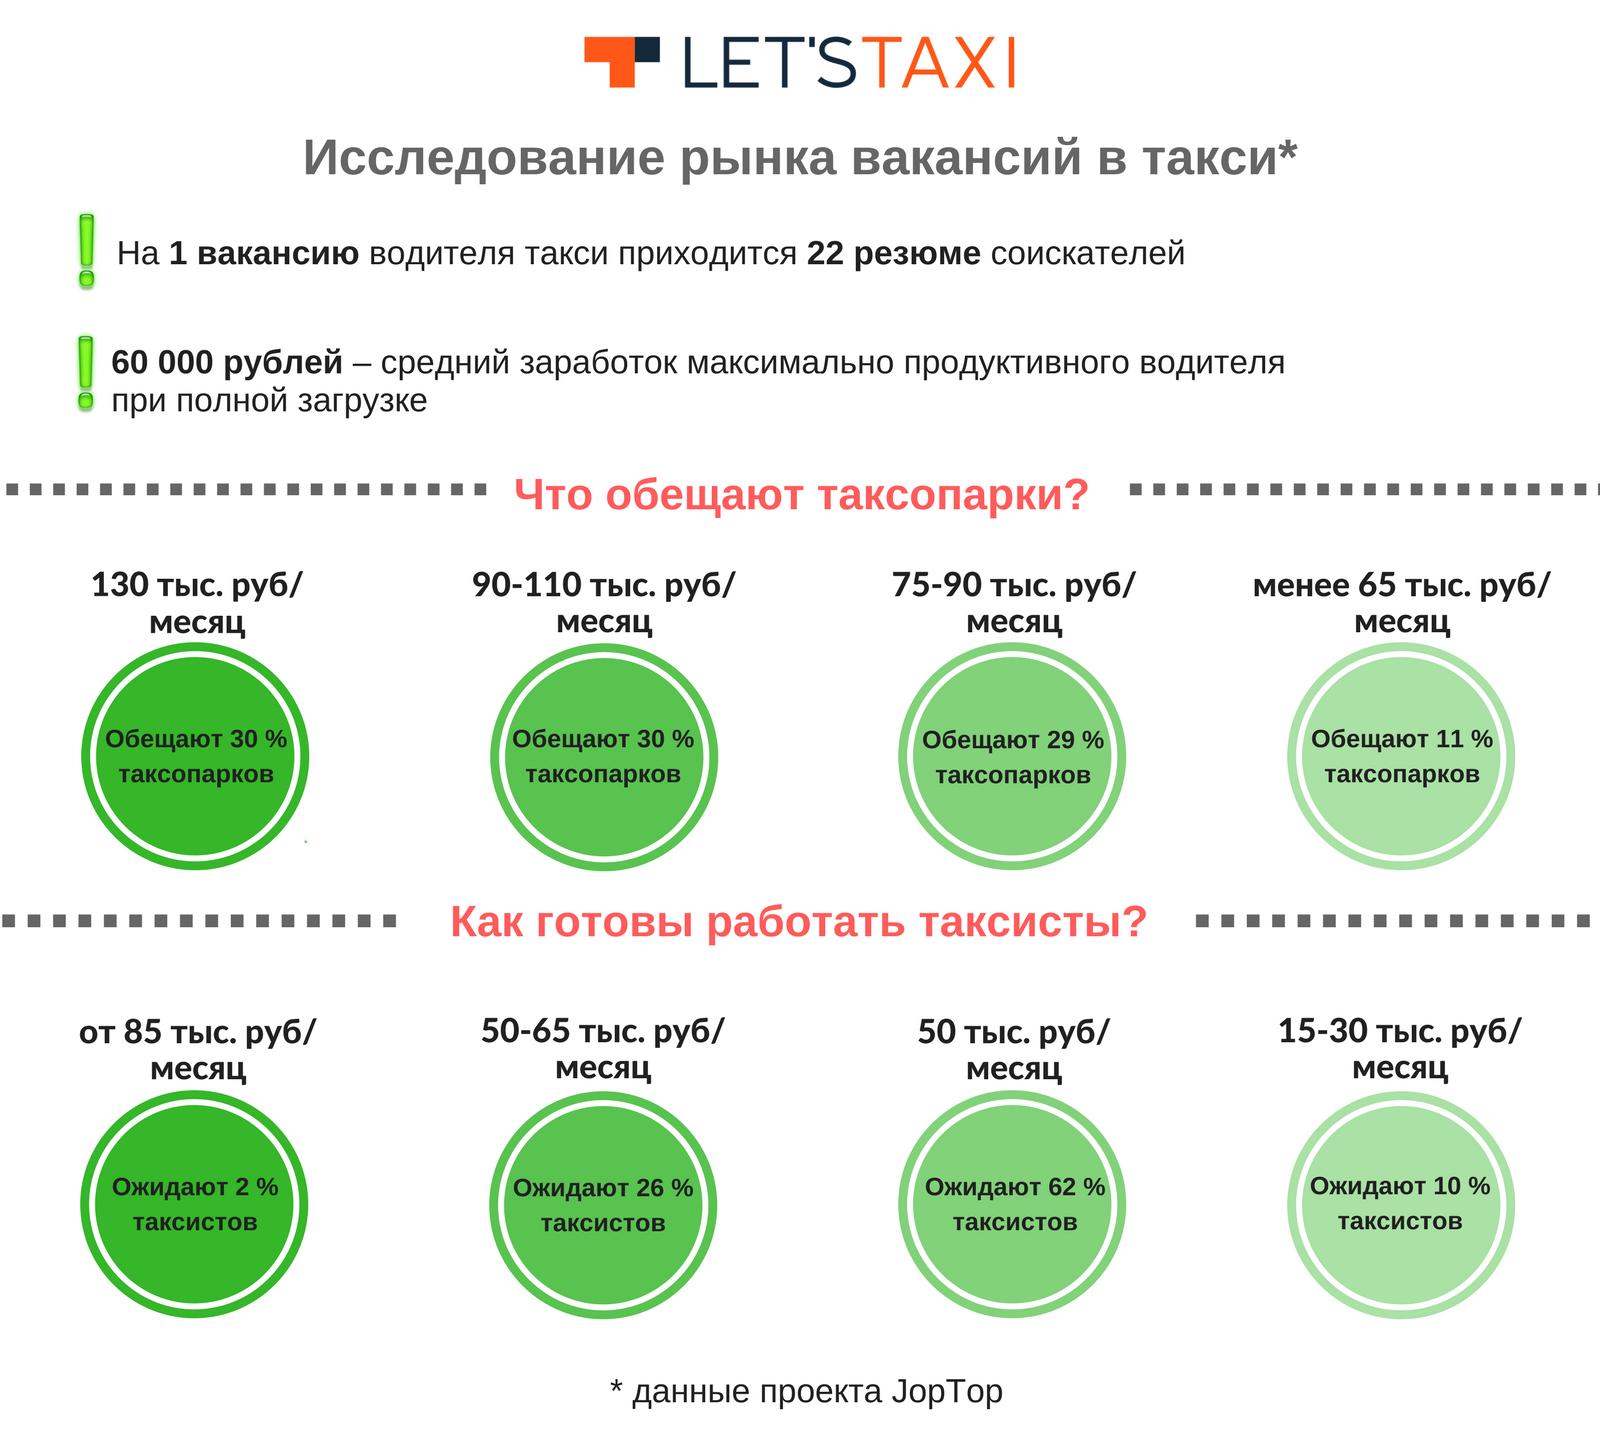 Рынок вакансий в такси